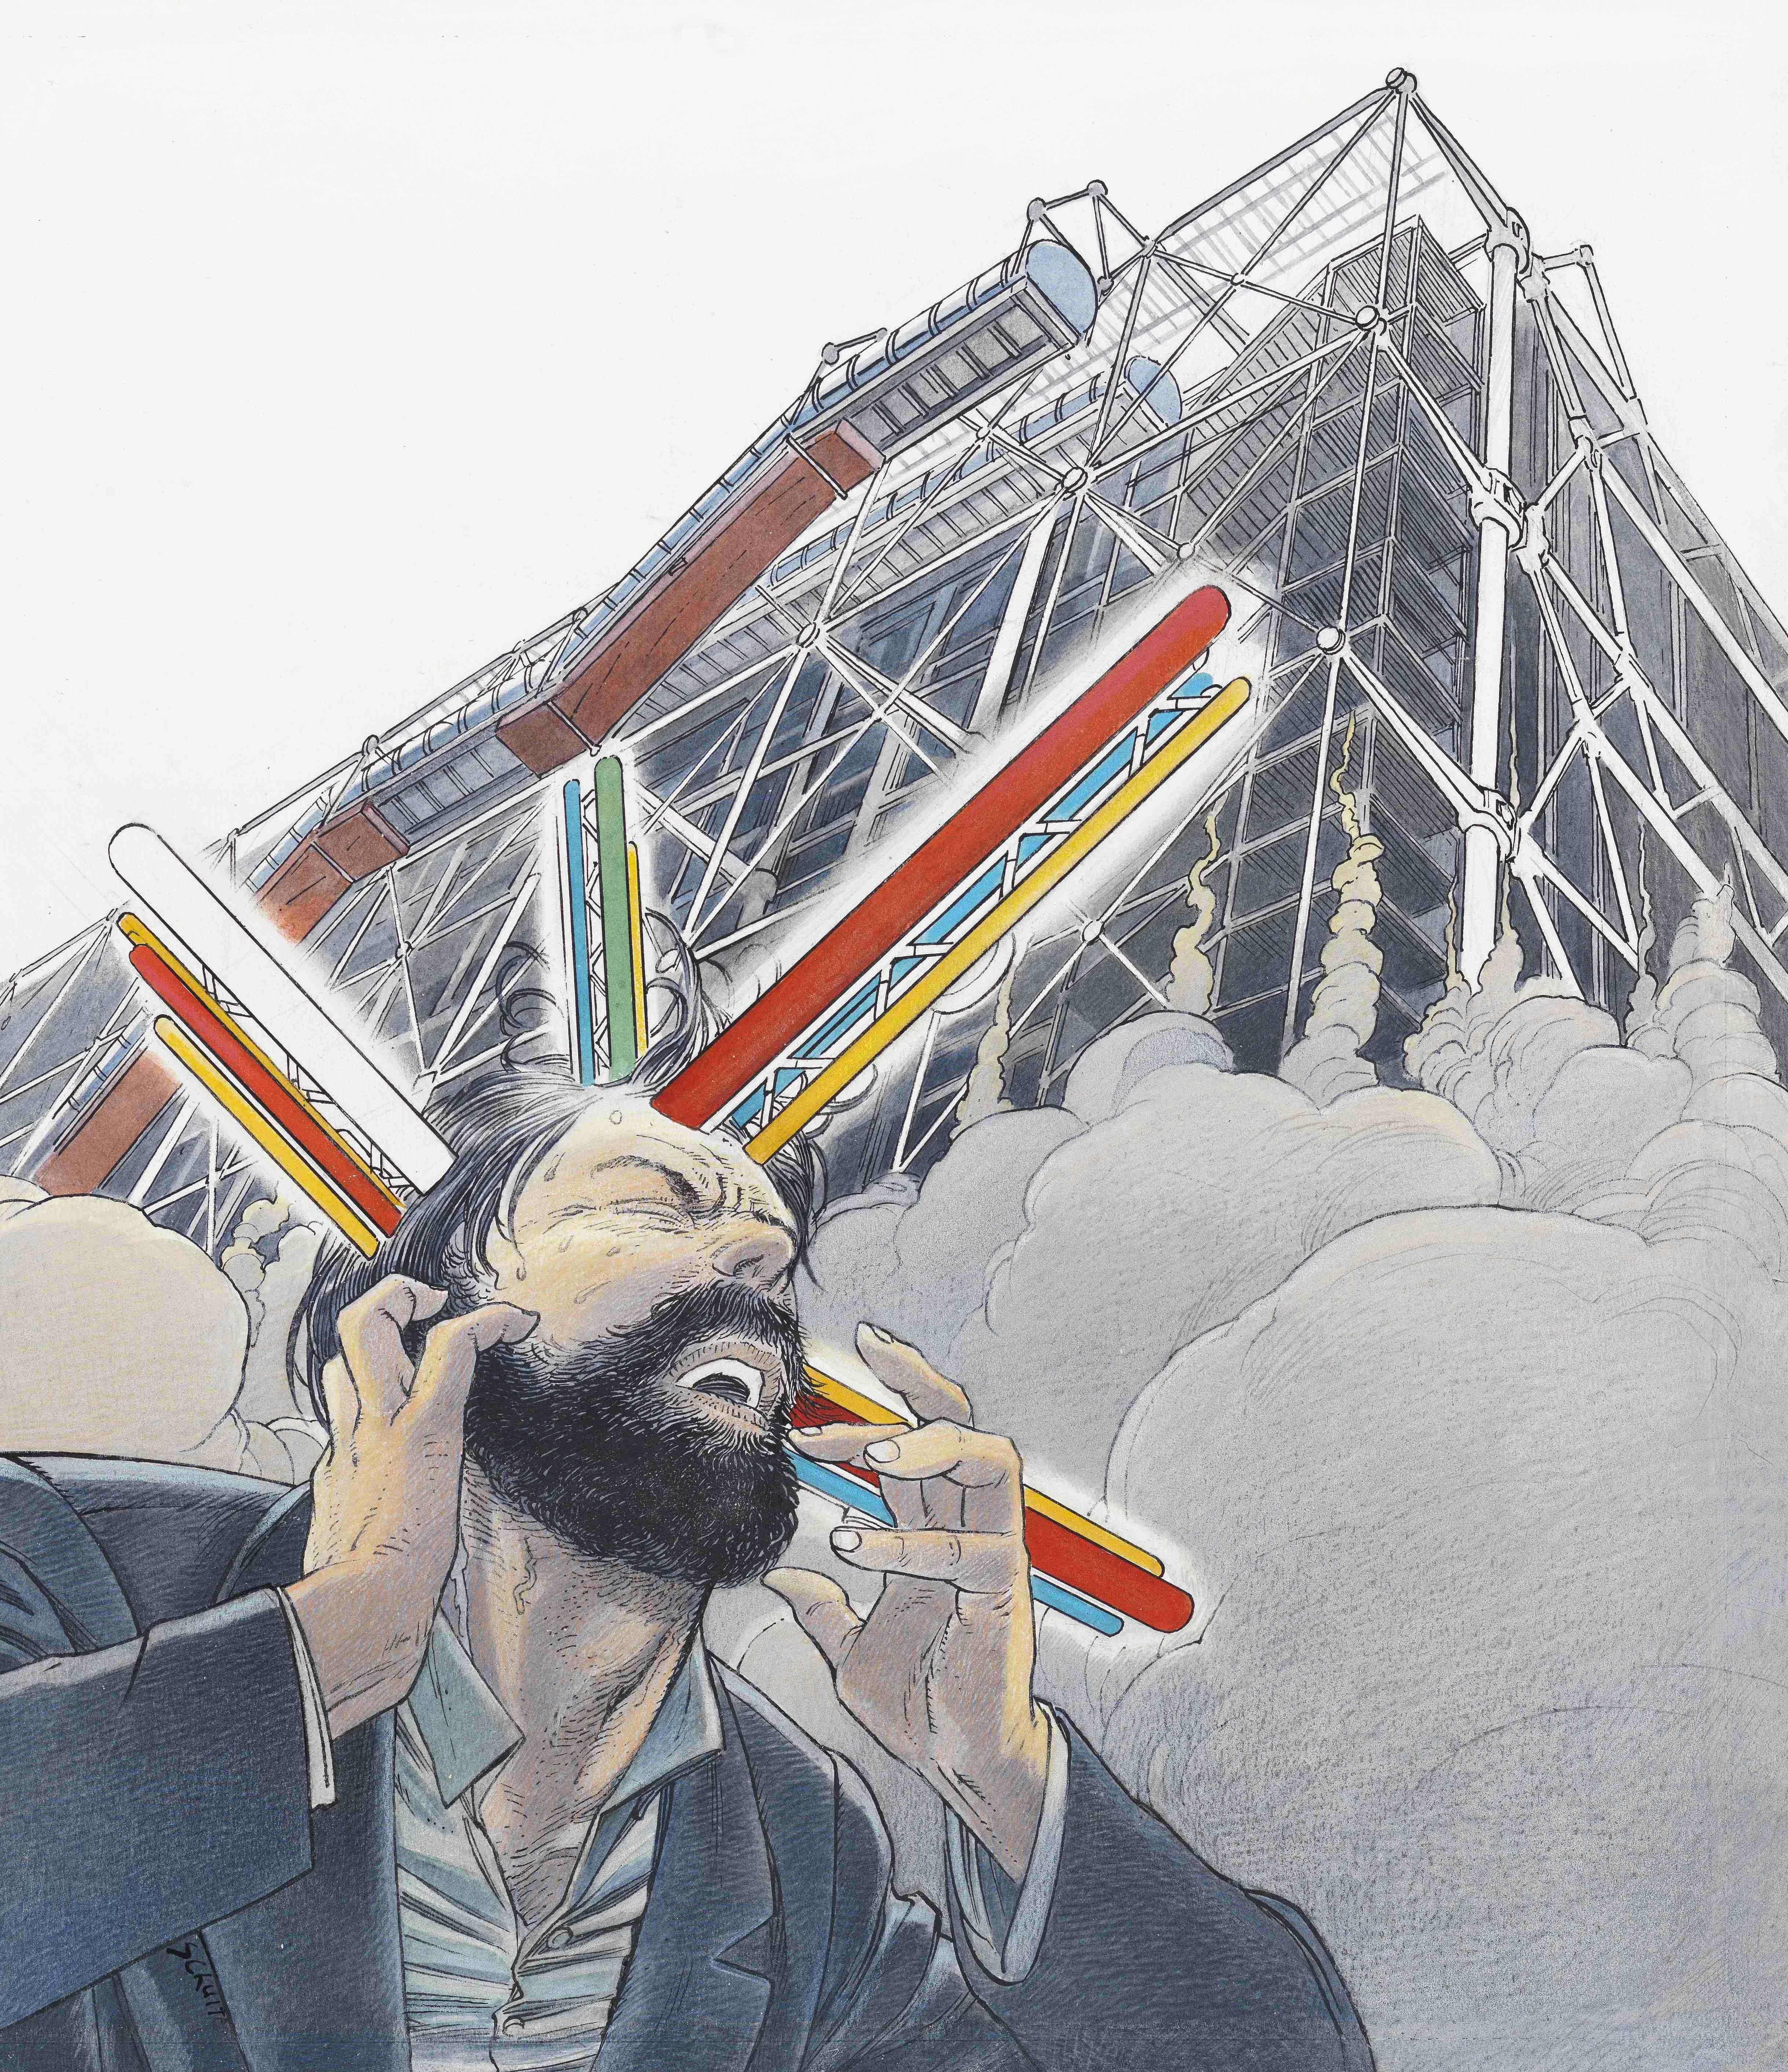 François Schuiten et Benoît Peeters, L'étrange cas du docteur Abraham, Bruxelles / Paris, Casterman, 2001, illustration de couverture (coll. Les Cités obscures).